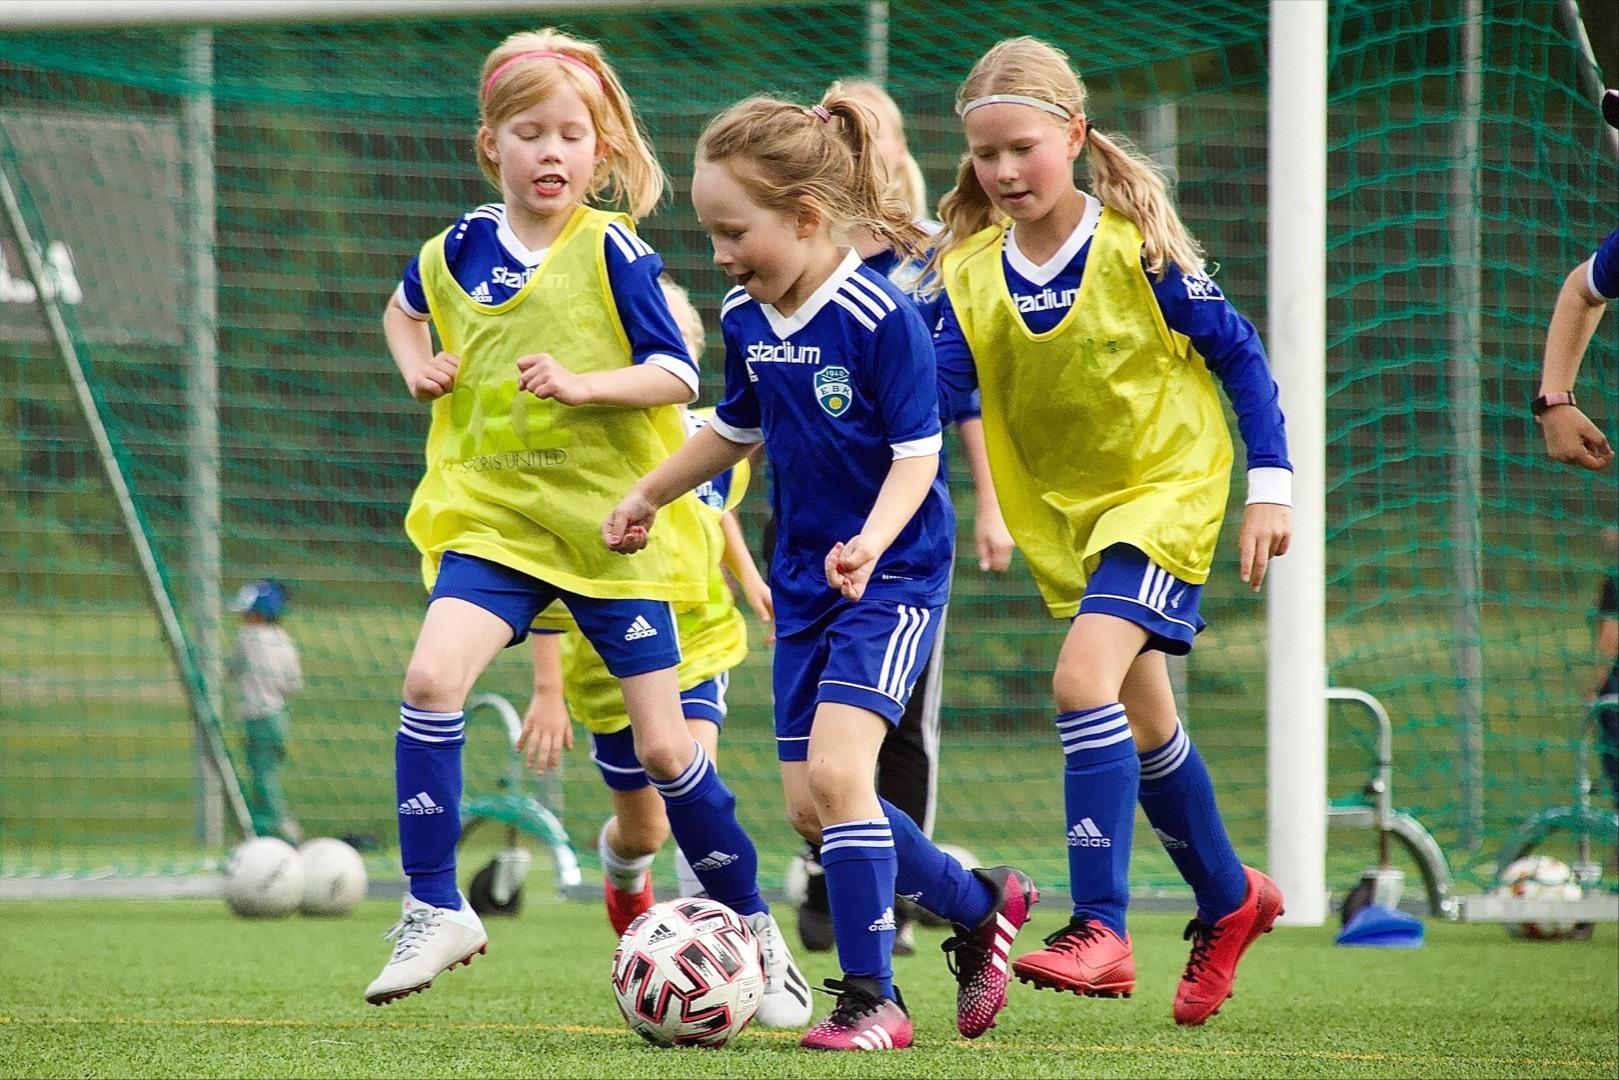 EBK perustaa uudet ikäluokka joukkueet 2015-2016 syntyneille tytöille ja 2016 pojille alkaen 2.10